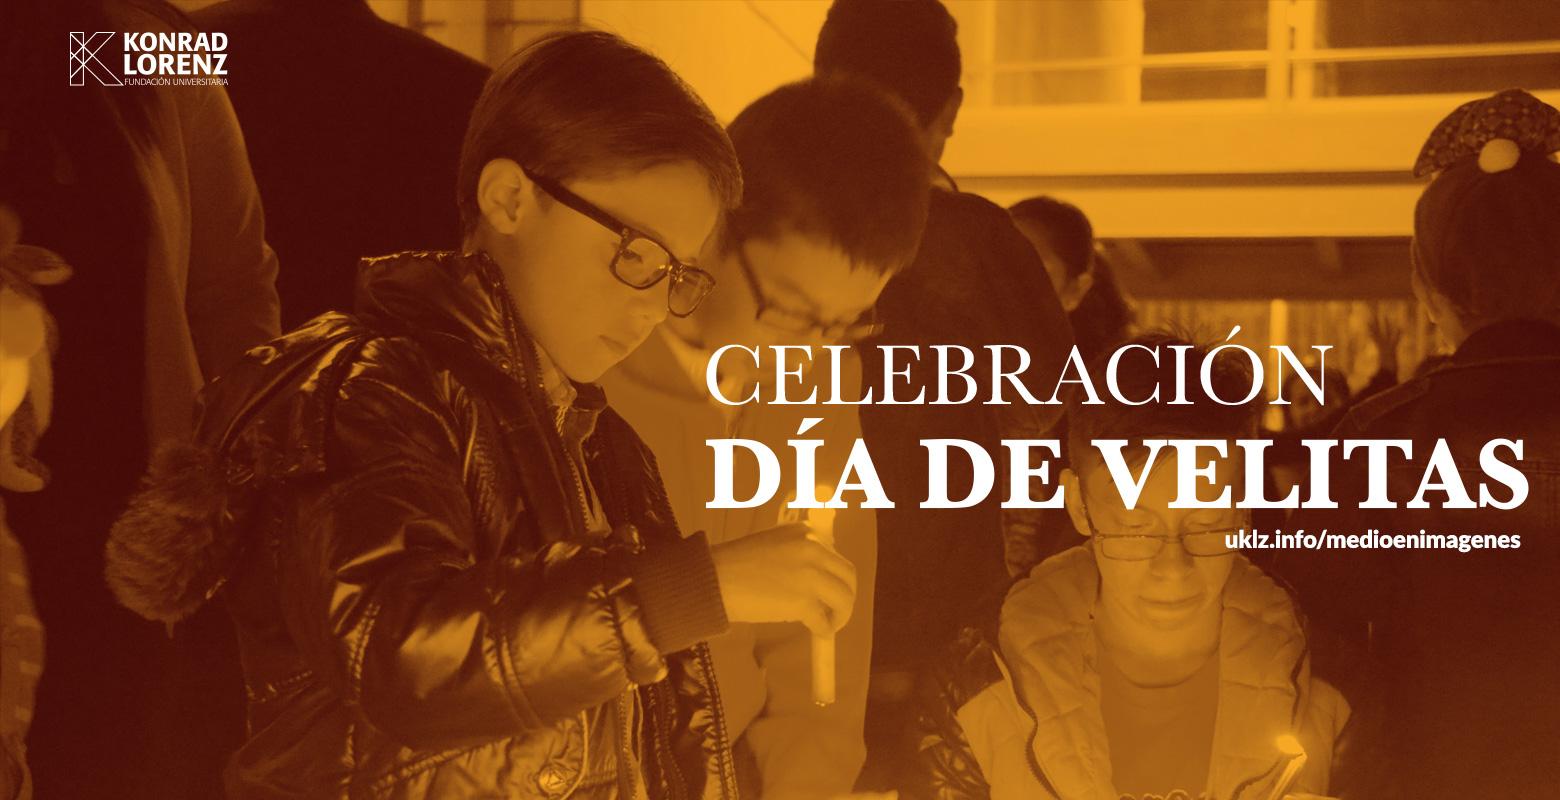 Celebración Día de Velitas